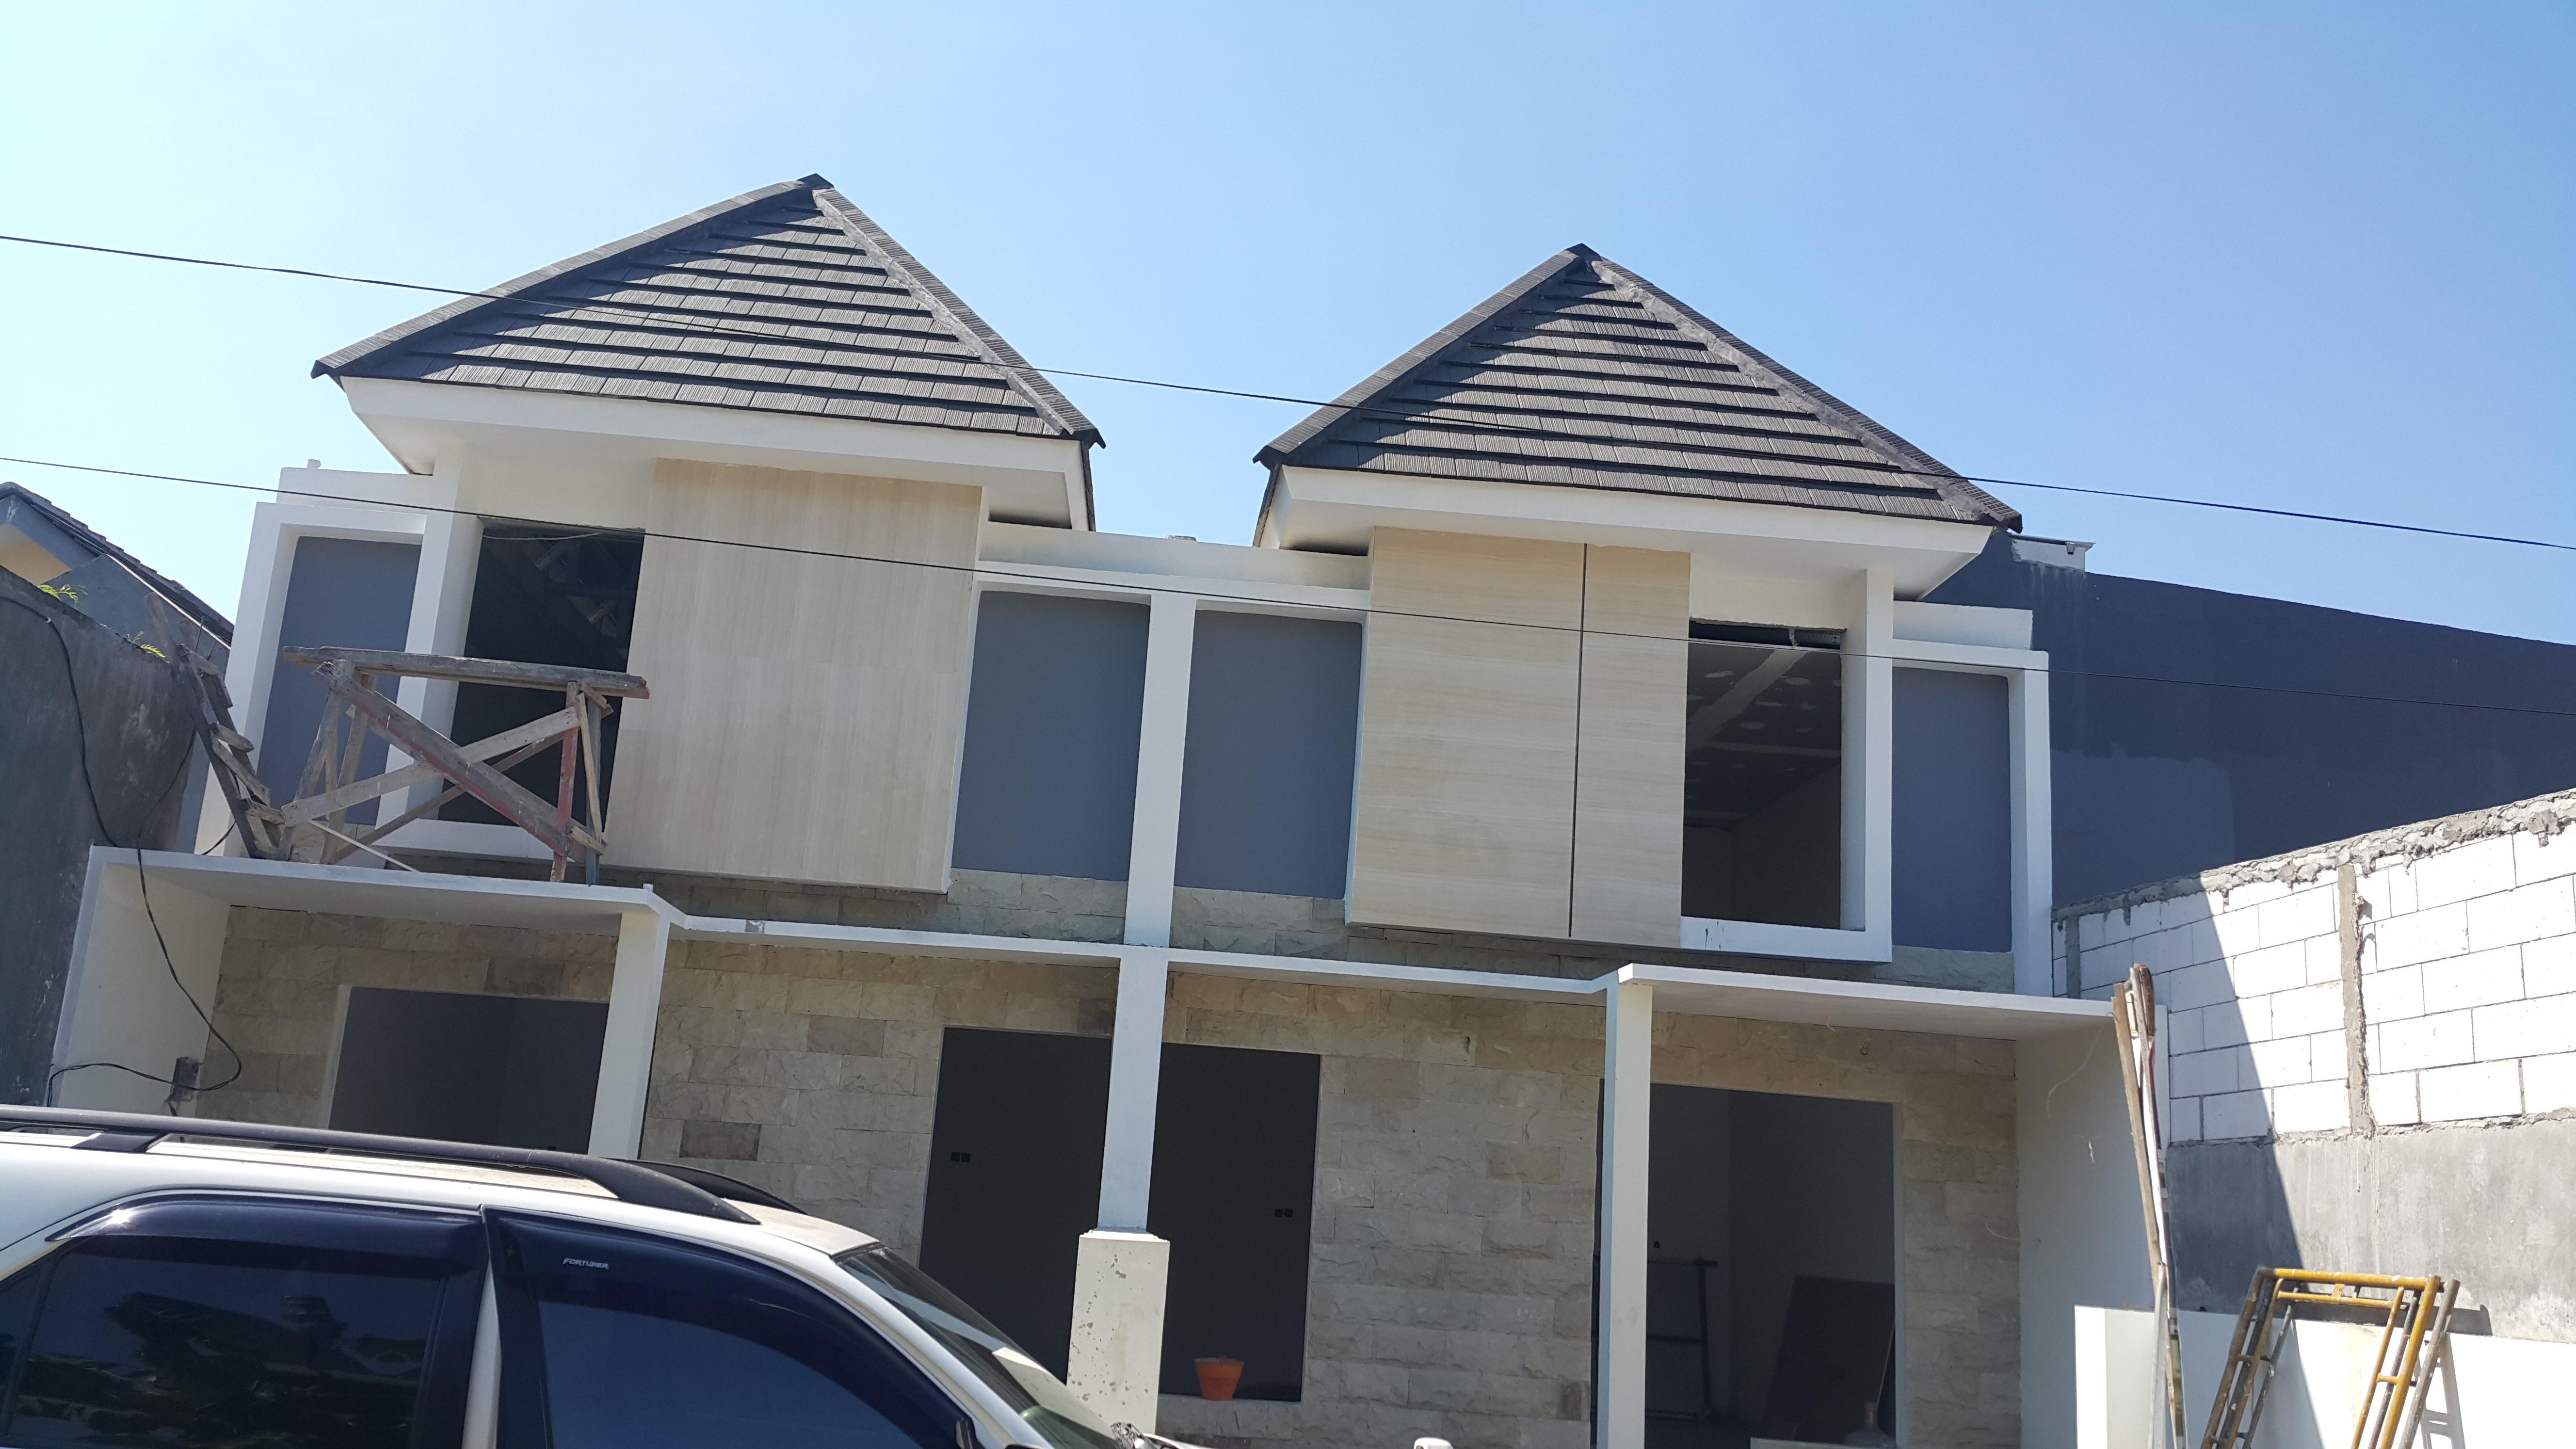 Rumah Terbaik dan berkualitas Surabaya-Sidoarjo